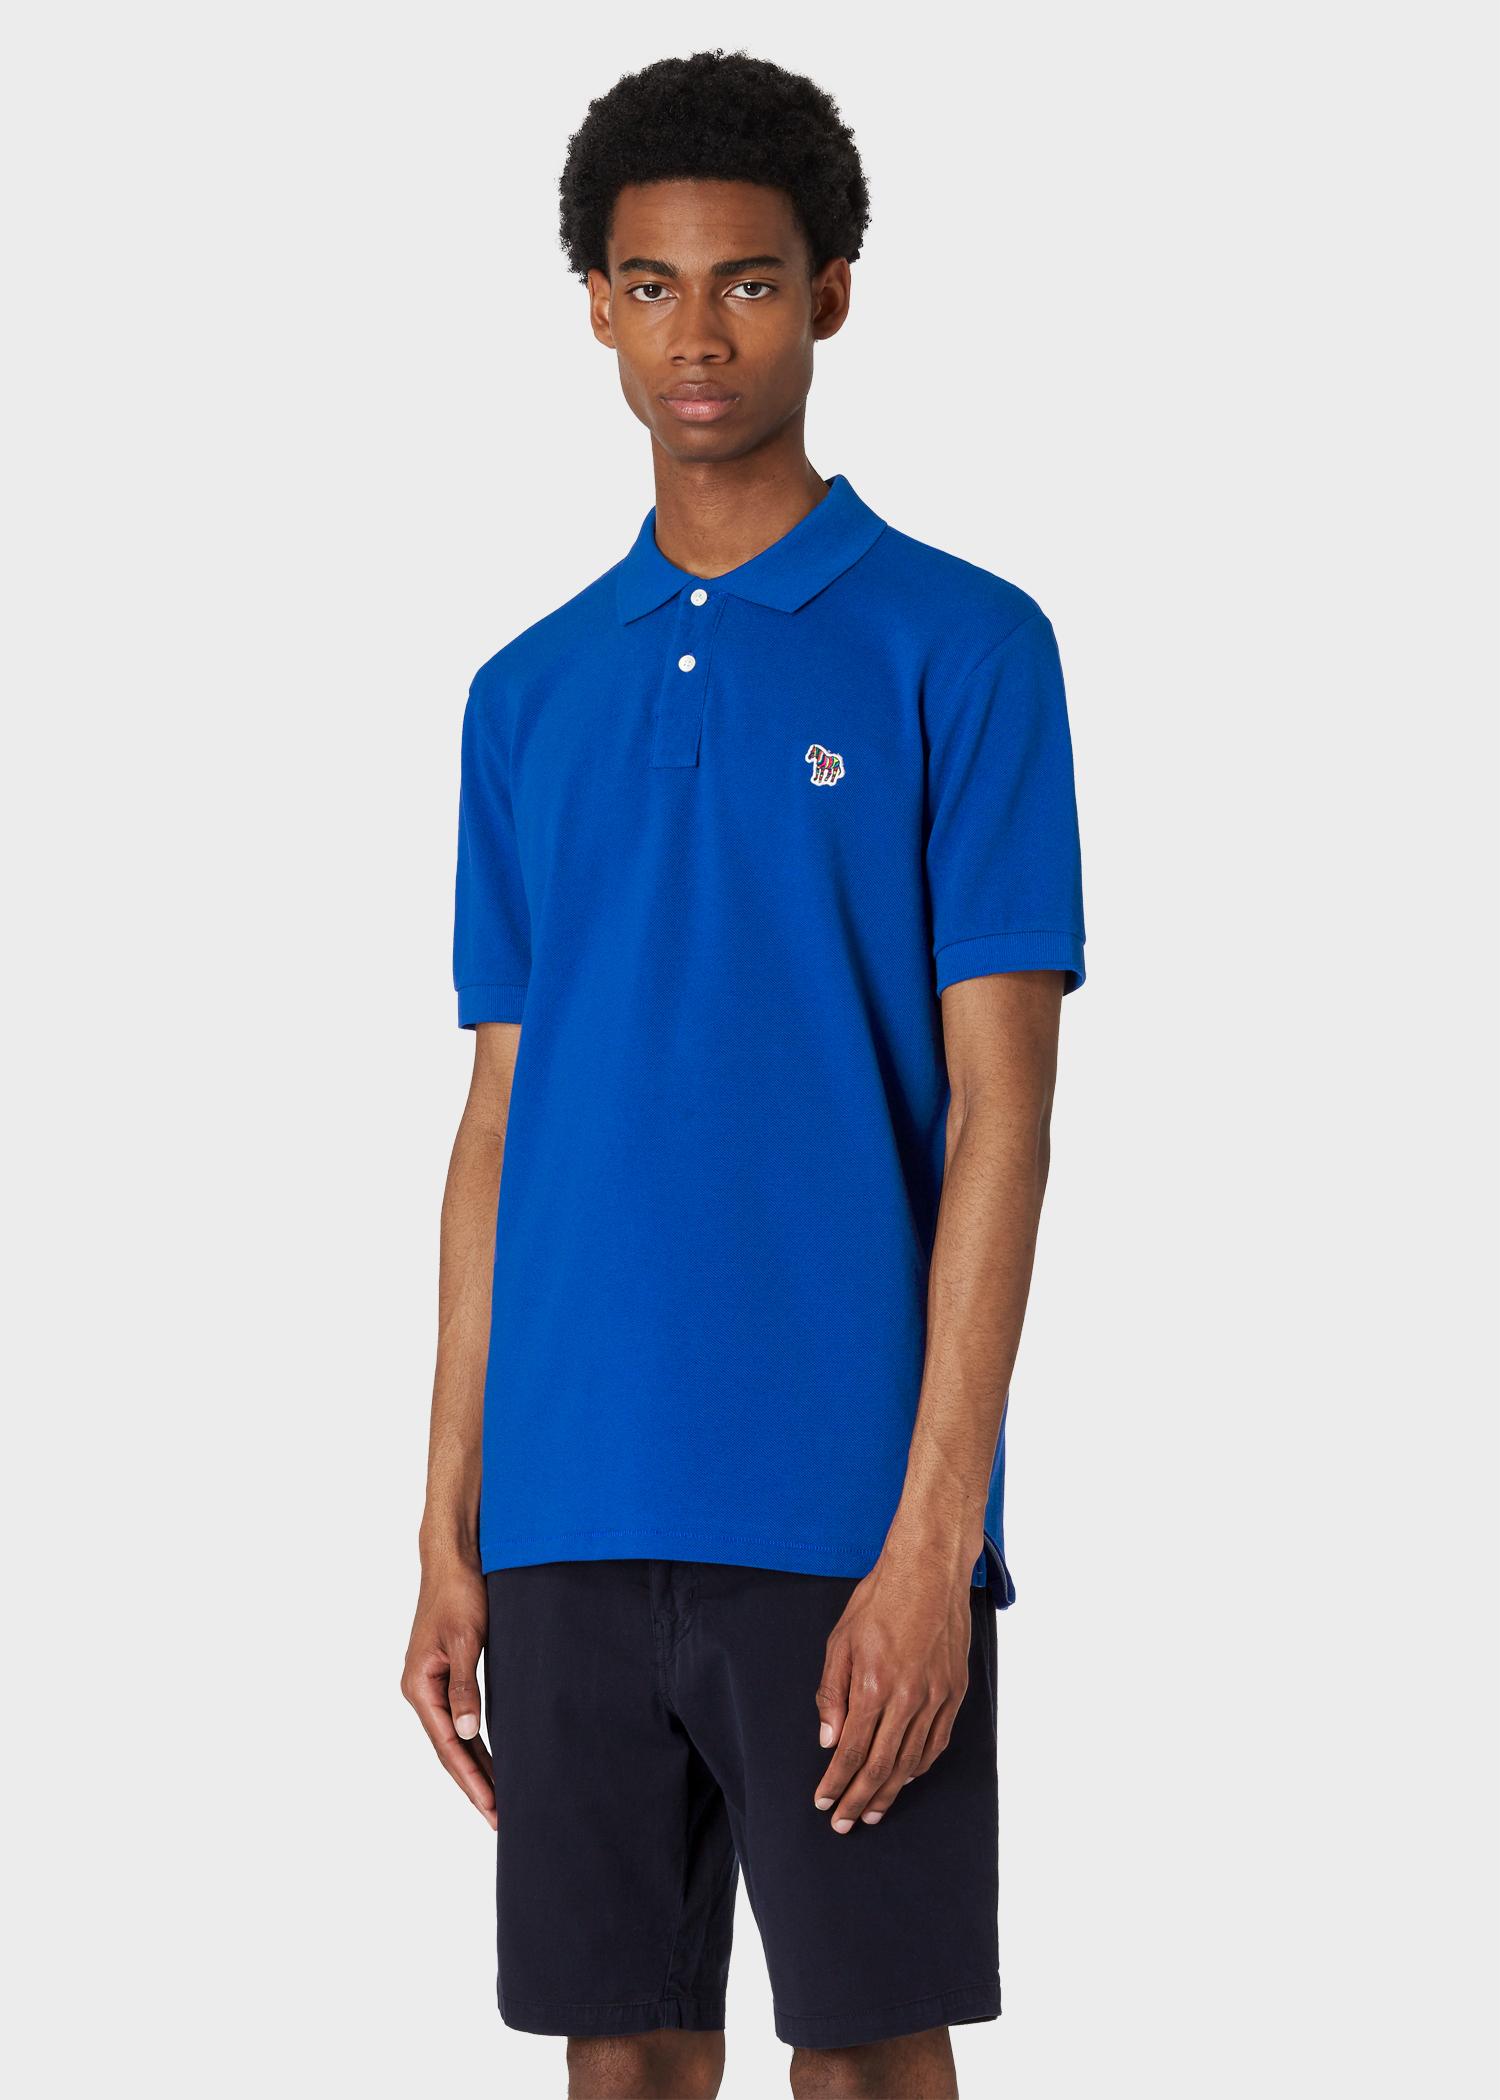 a51c23bc Model front close up - Men's Indigo Organic Cotton-Piqué Zebra Logo Polo  Shirt Paul